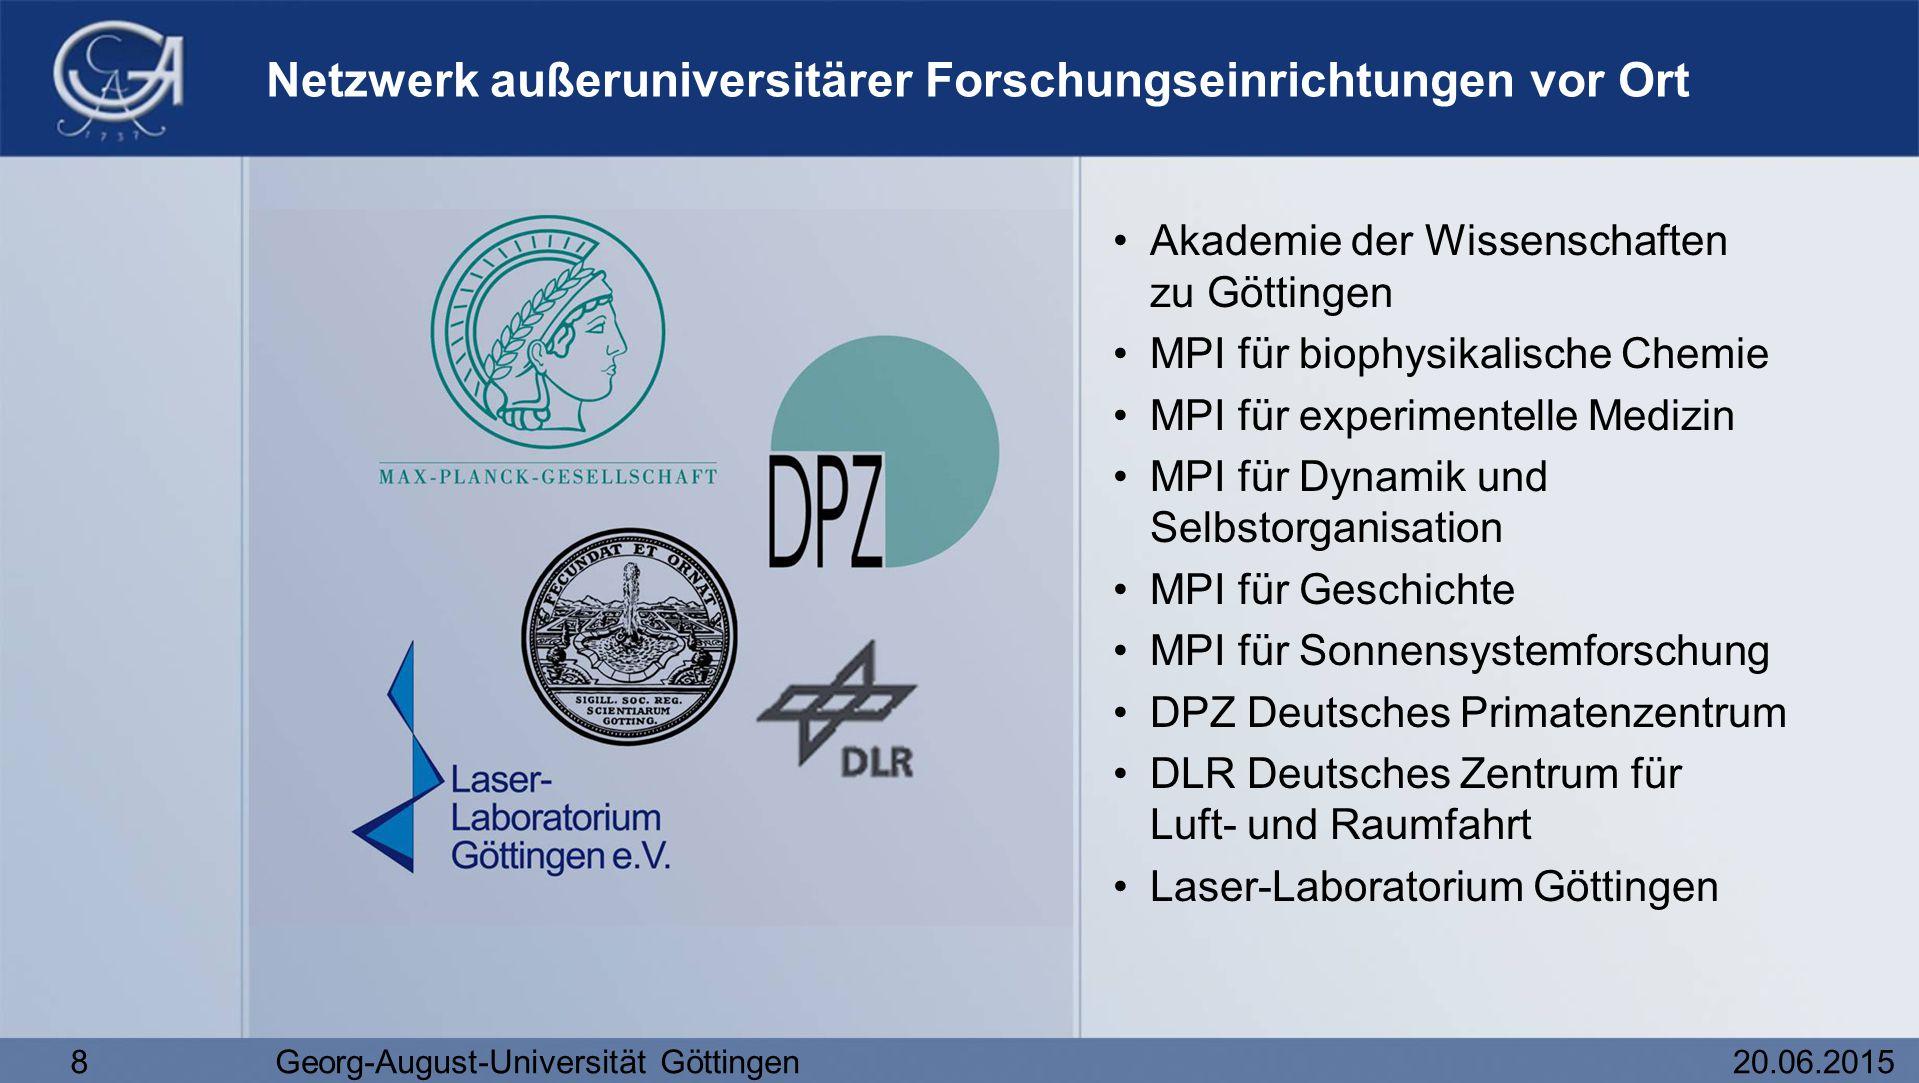 Netzwerk außeruniversitärer Forschungseinrichtungen vor Ort